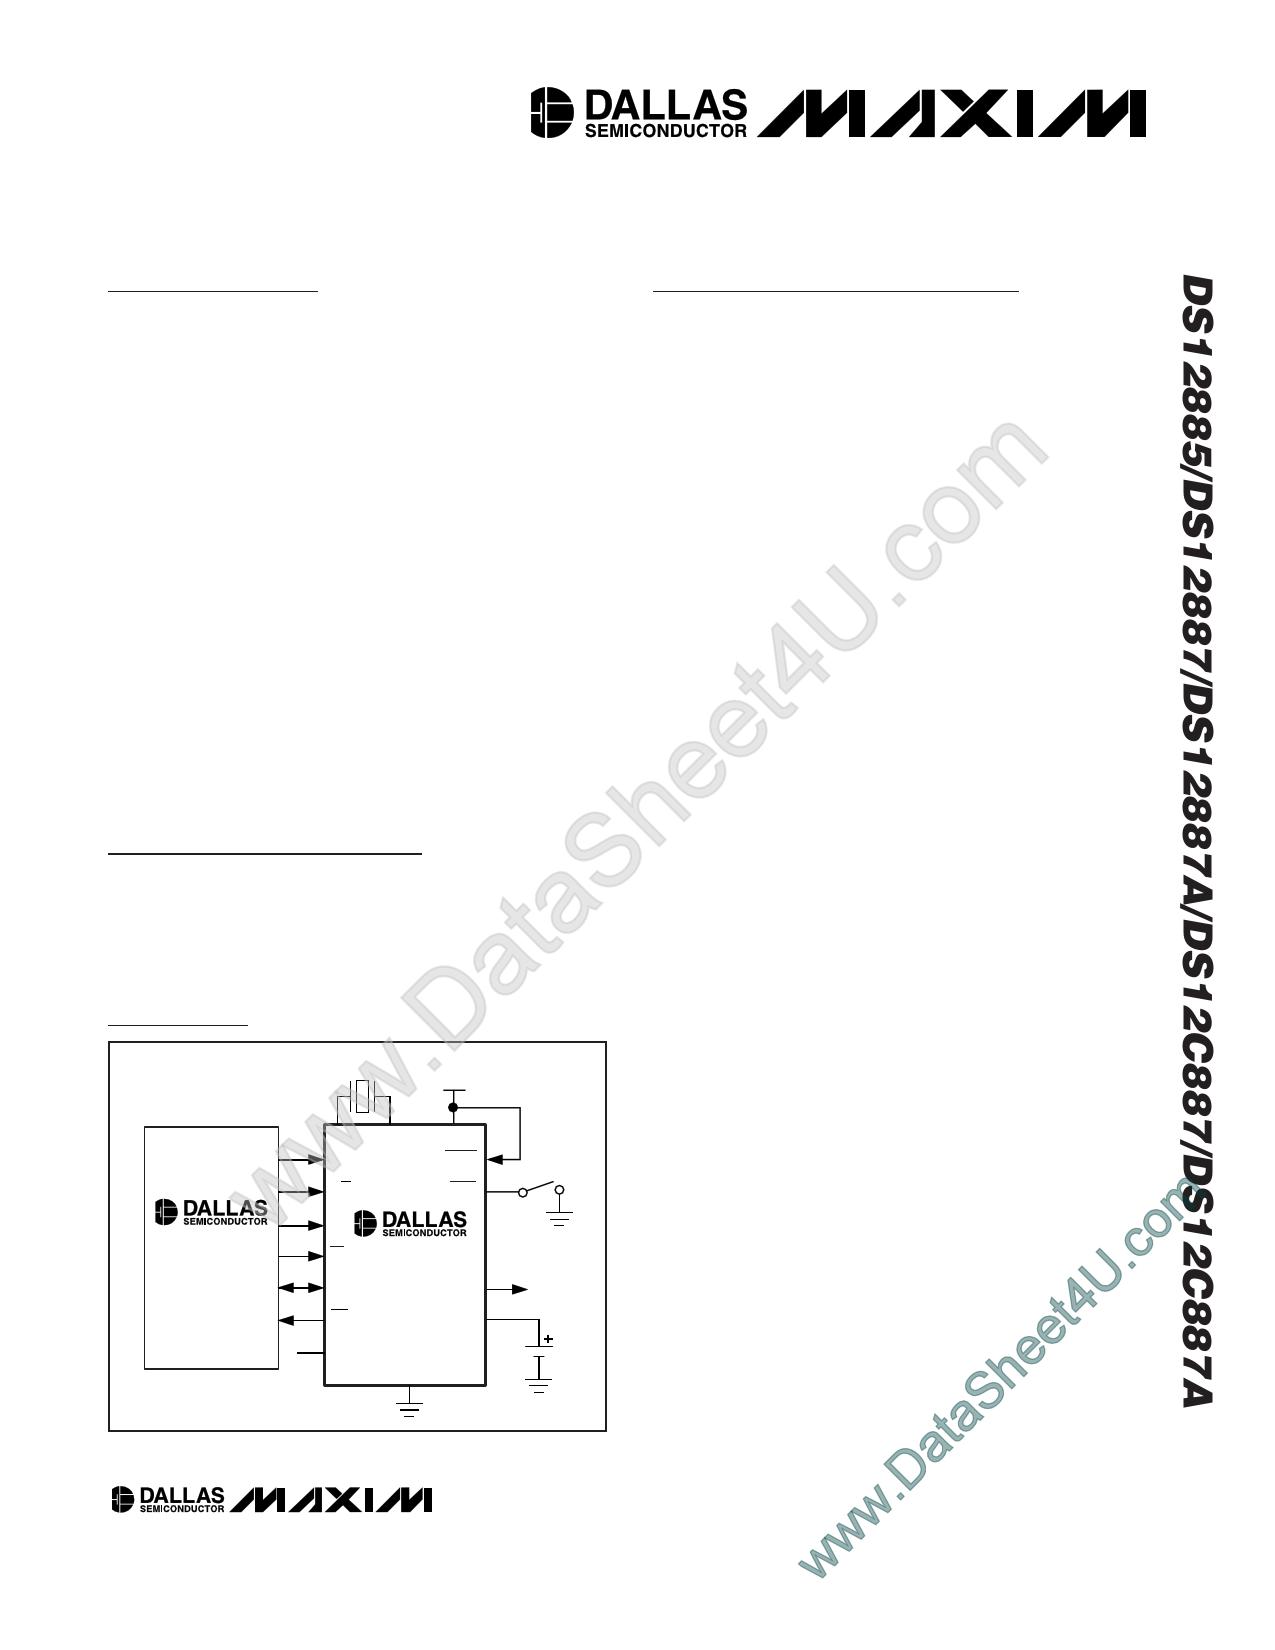 ds12887.pdf